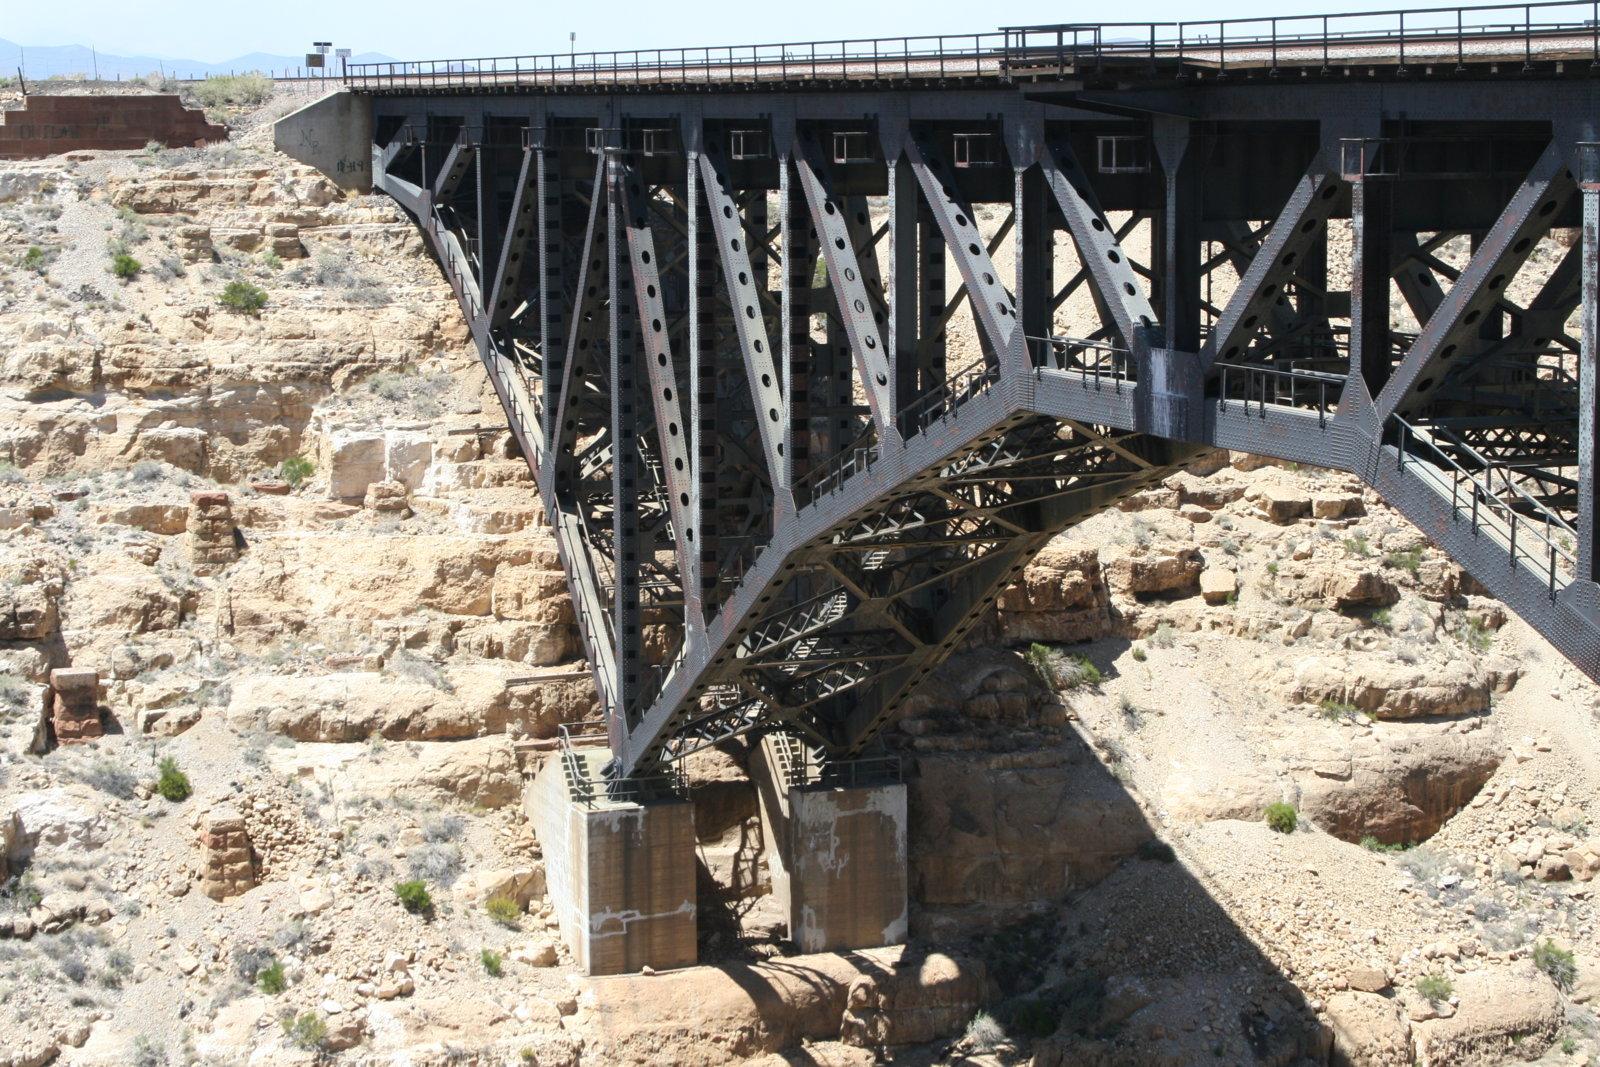 canyon-diablo-bridge_4587693290_o.jpg